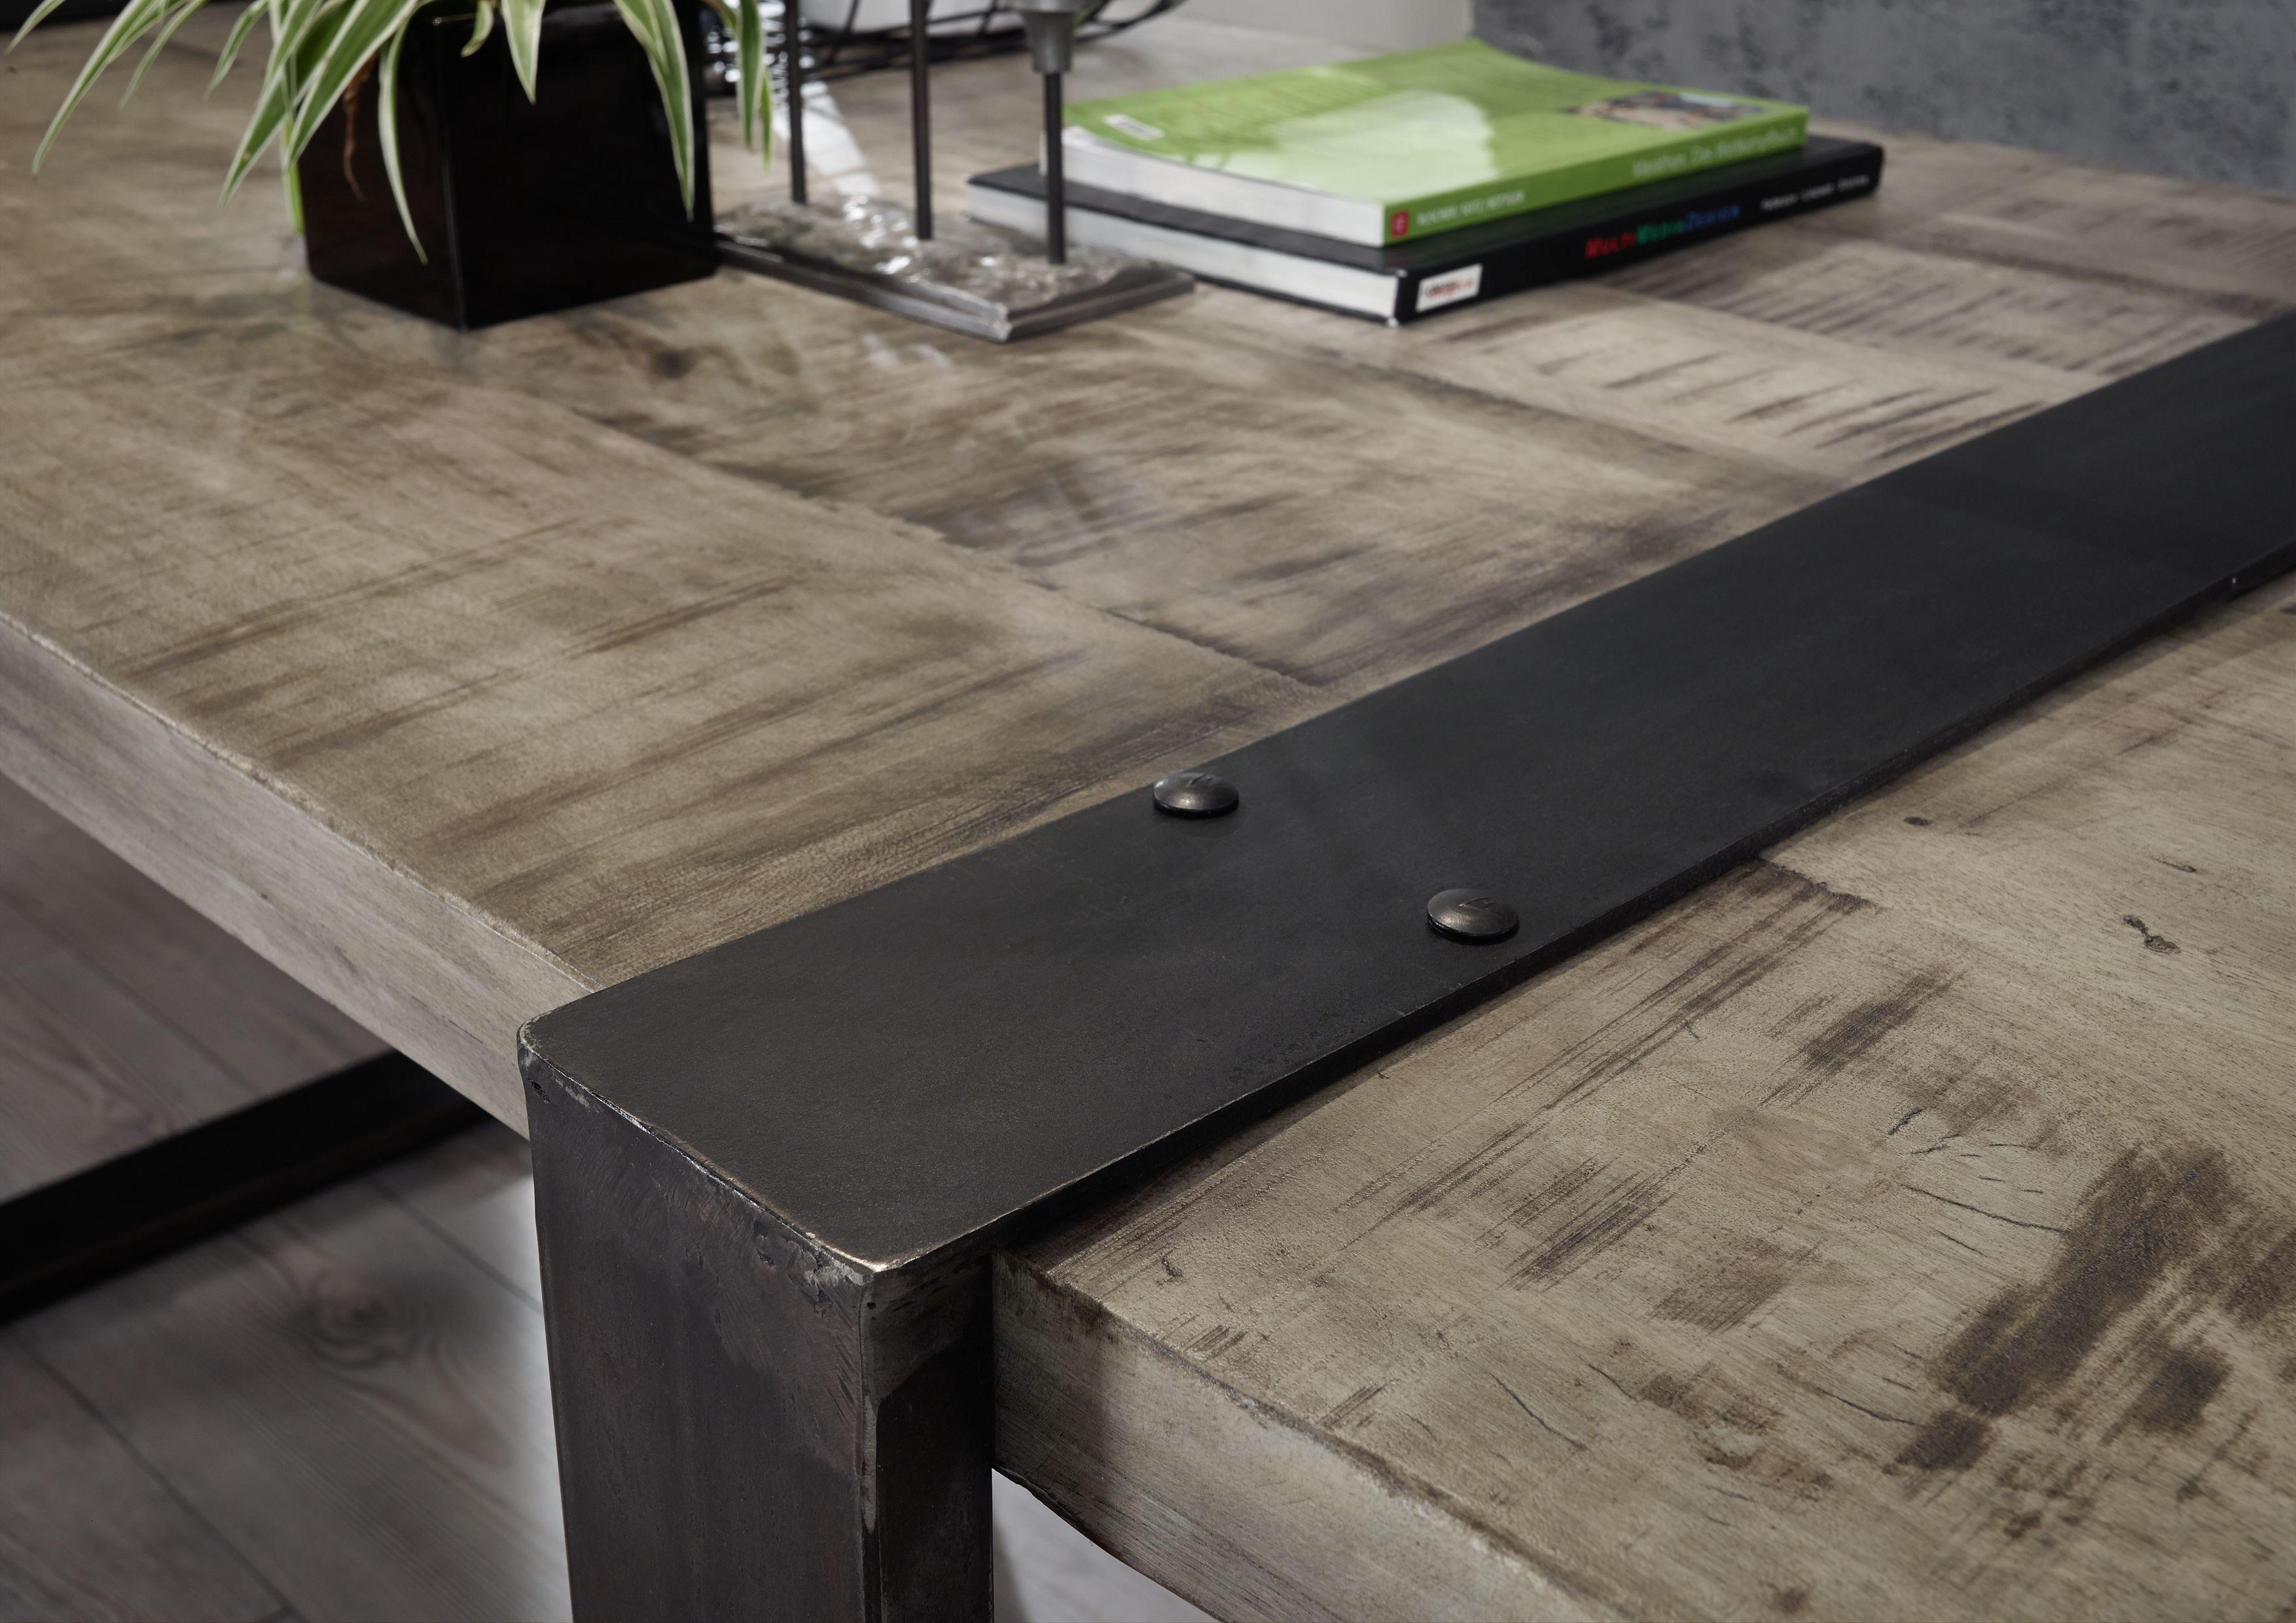 tisch der reihe heavy industry gefertigt aus mangoholz mit eisenelementen nat rlich lackiert. Black Bedroom Furniture Sets. Home Design Ideas